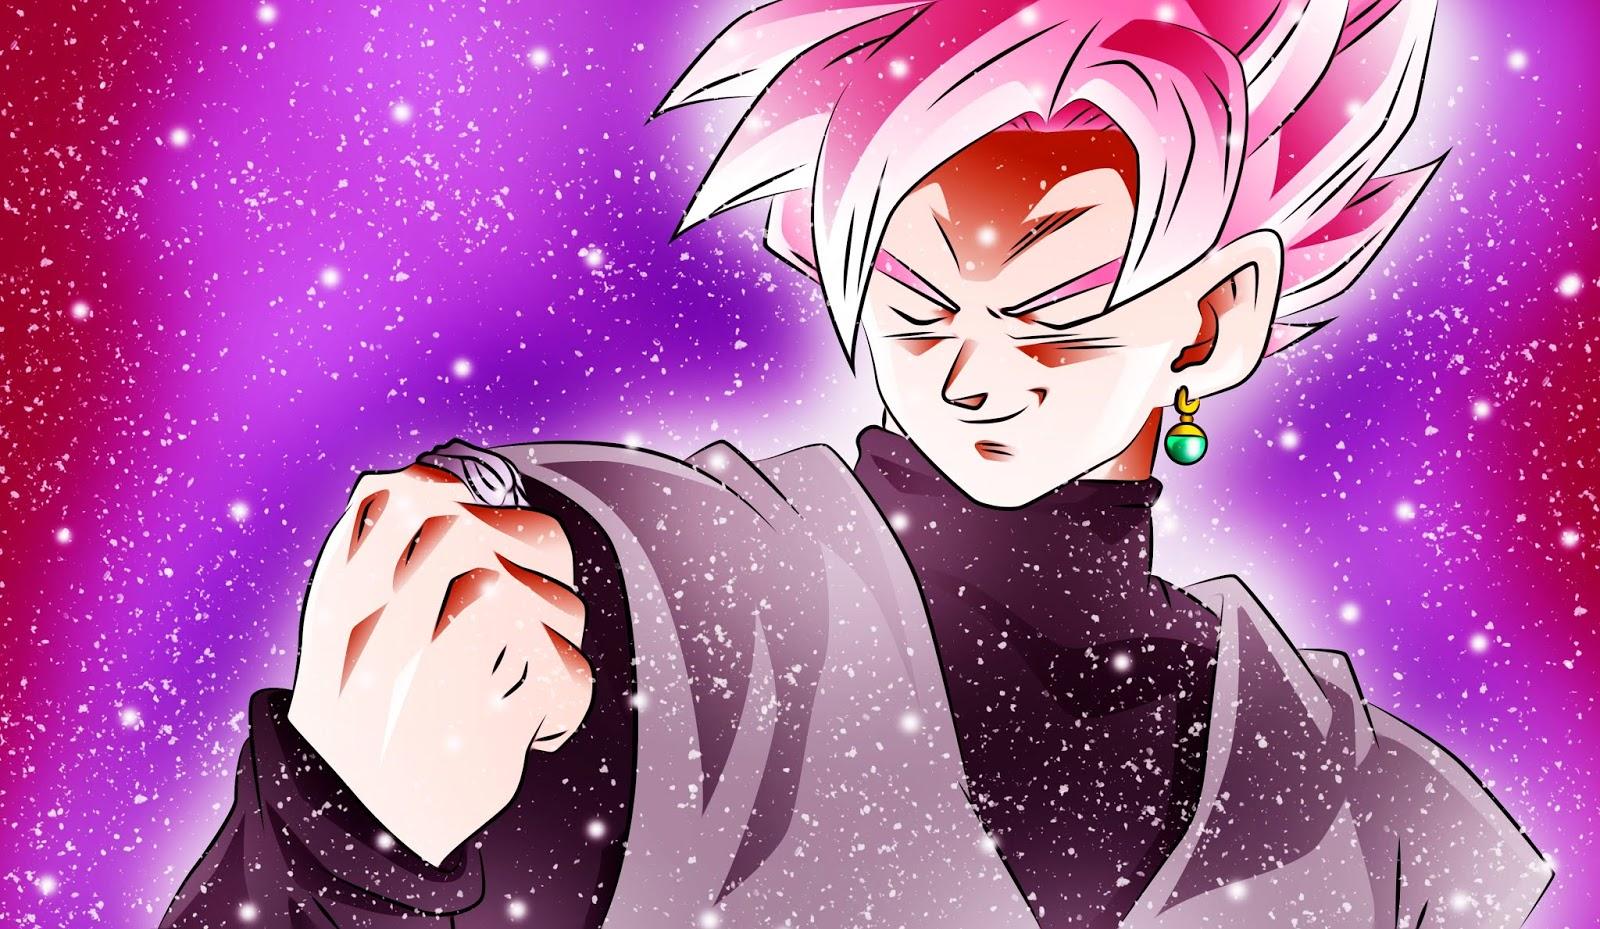 Super Saiyan Rose Wallpaper Hd: Son Goku BLACK Pics To Save As Wallpaper Super Saiyan Rose